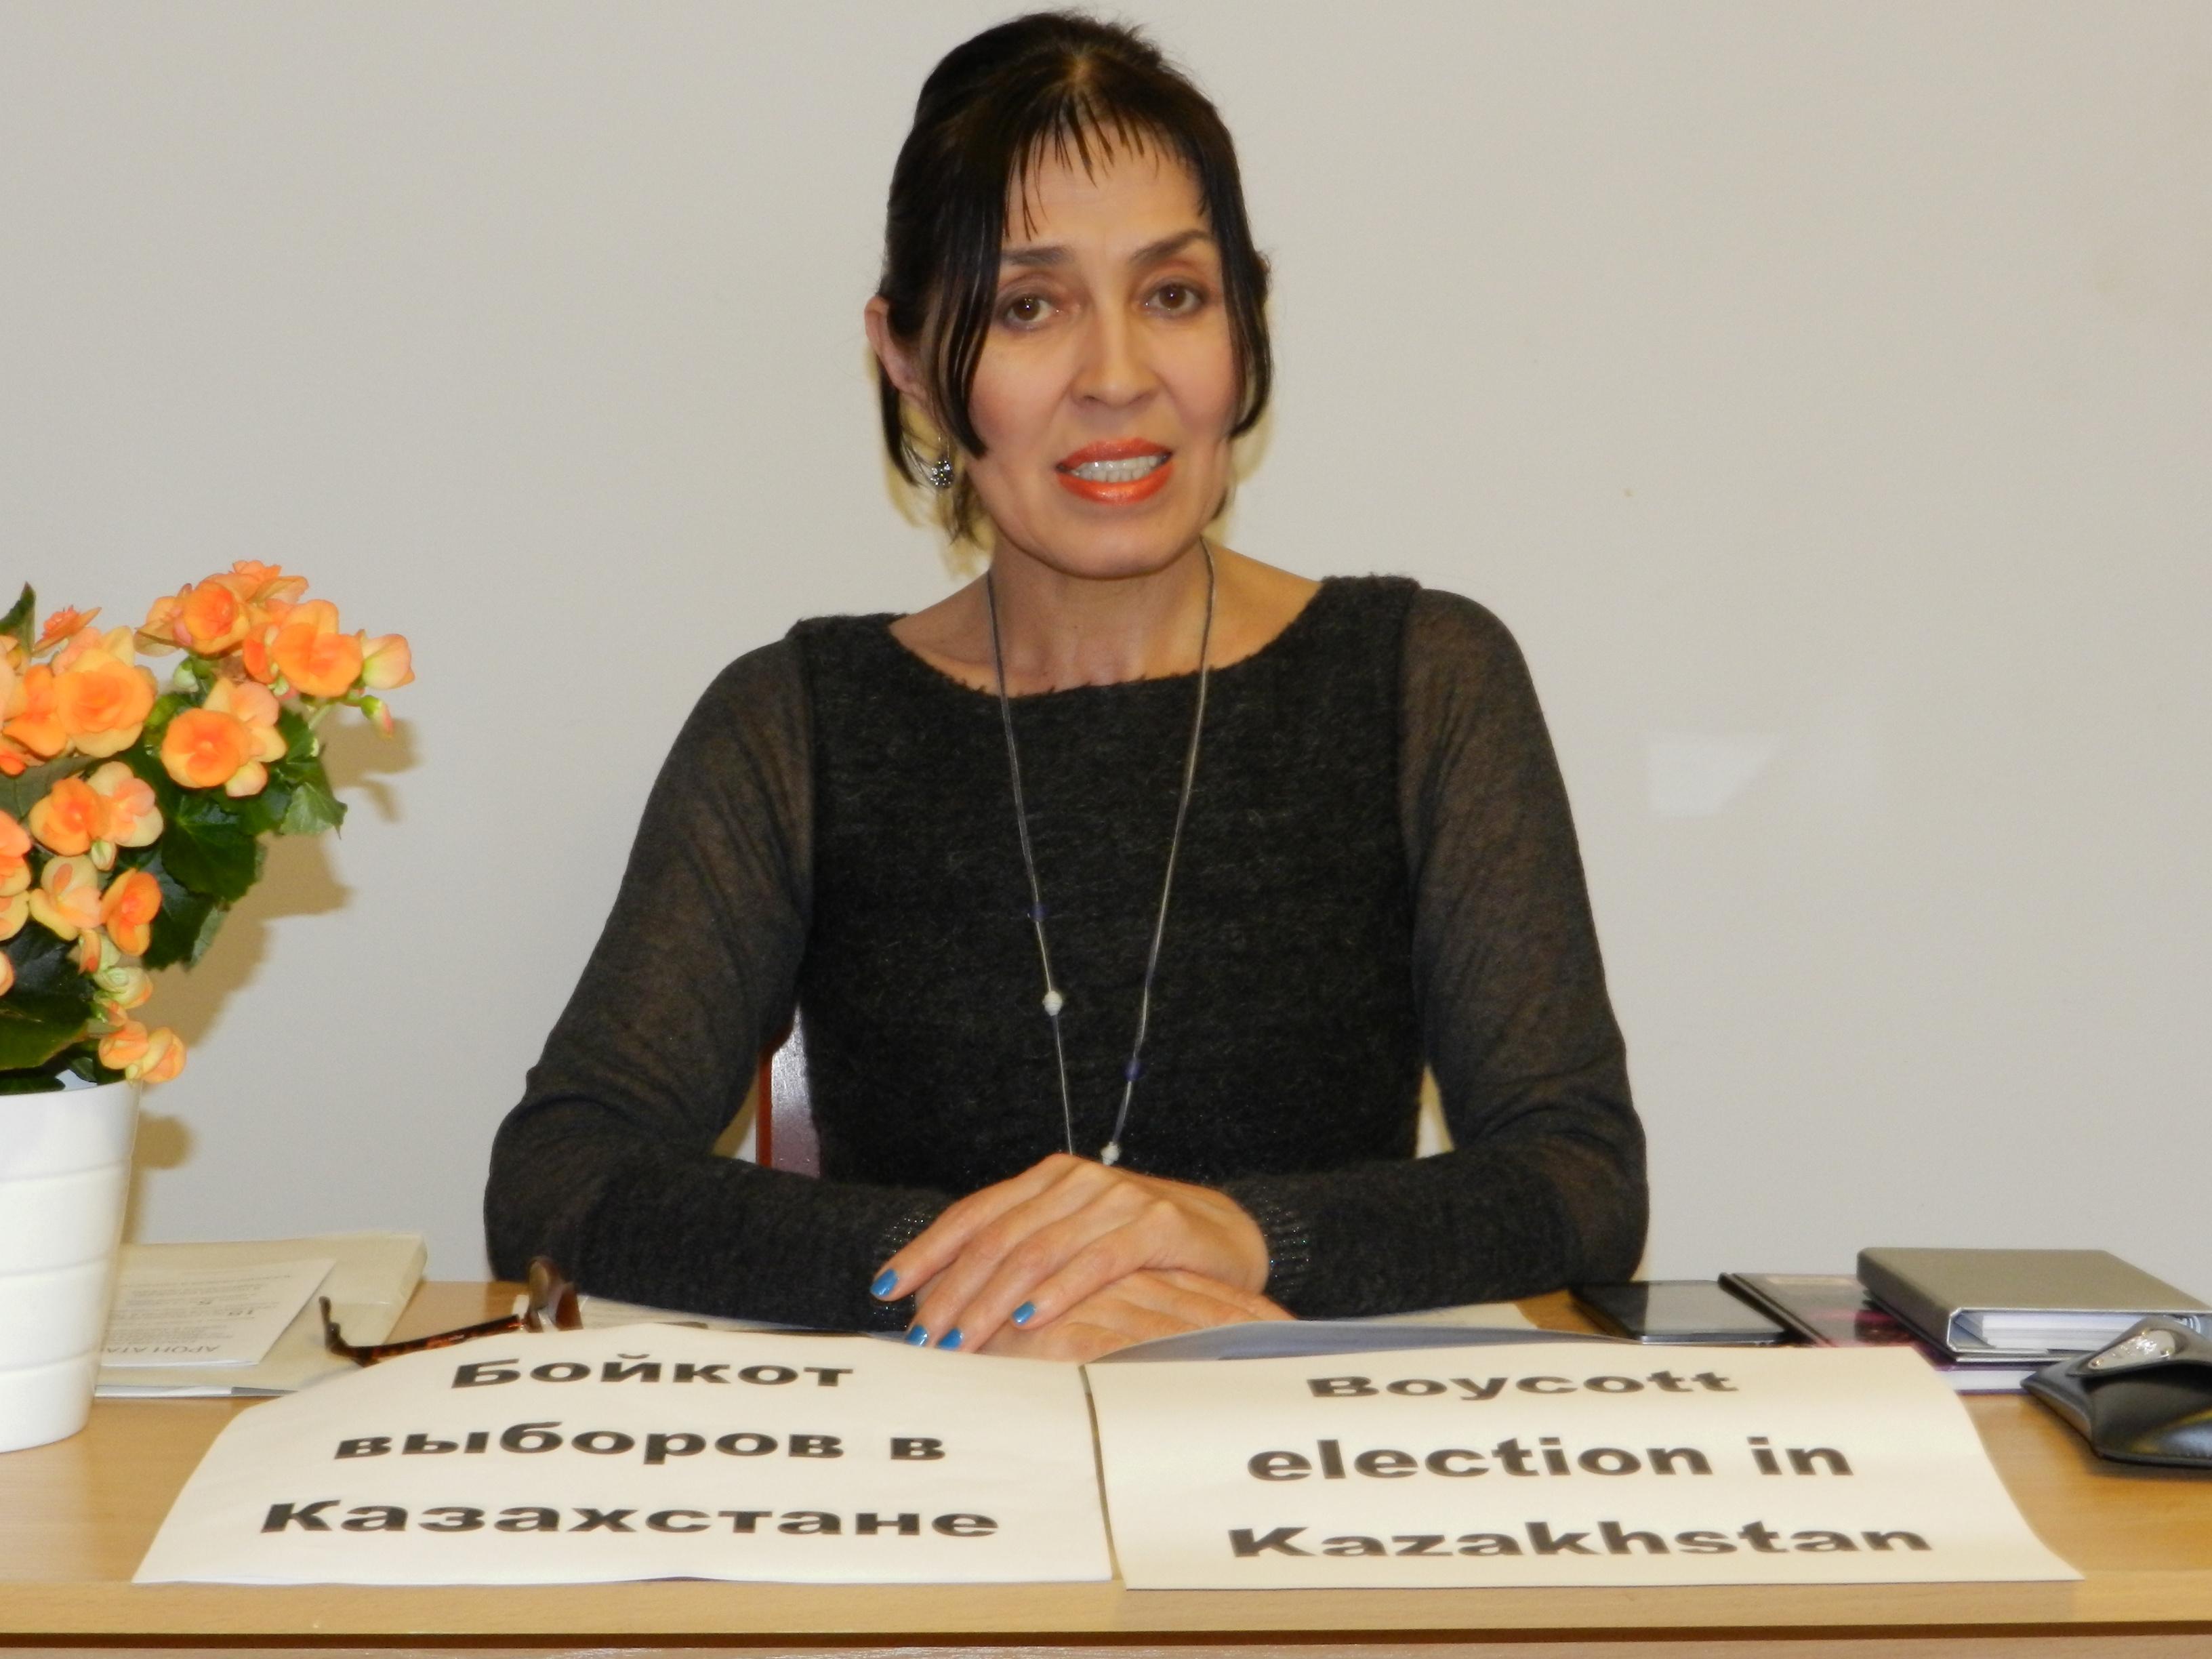 Оппозиция Казахстана не признаёт итогов президенских выборов  в Казахстане